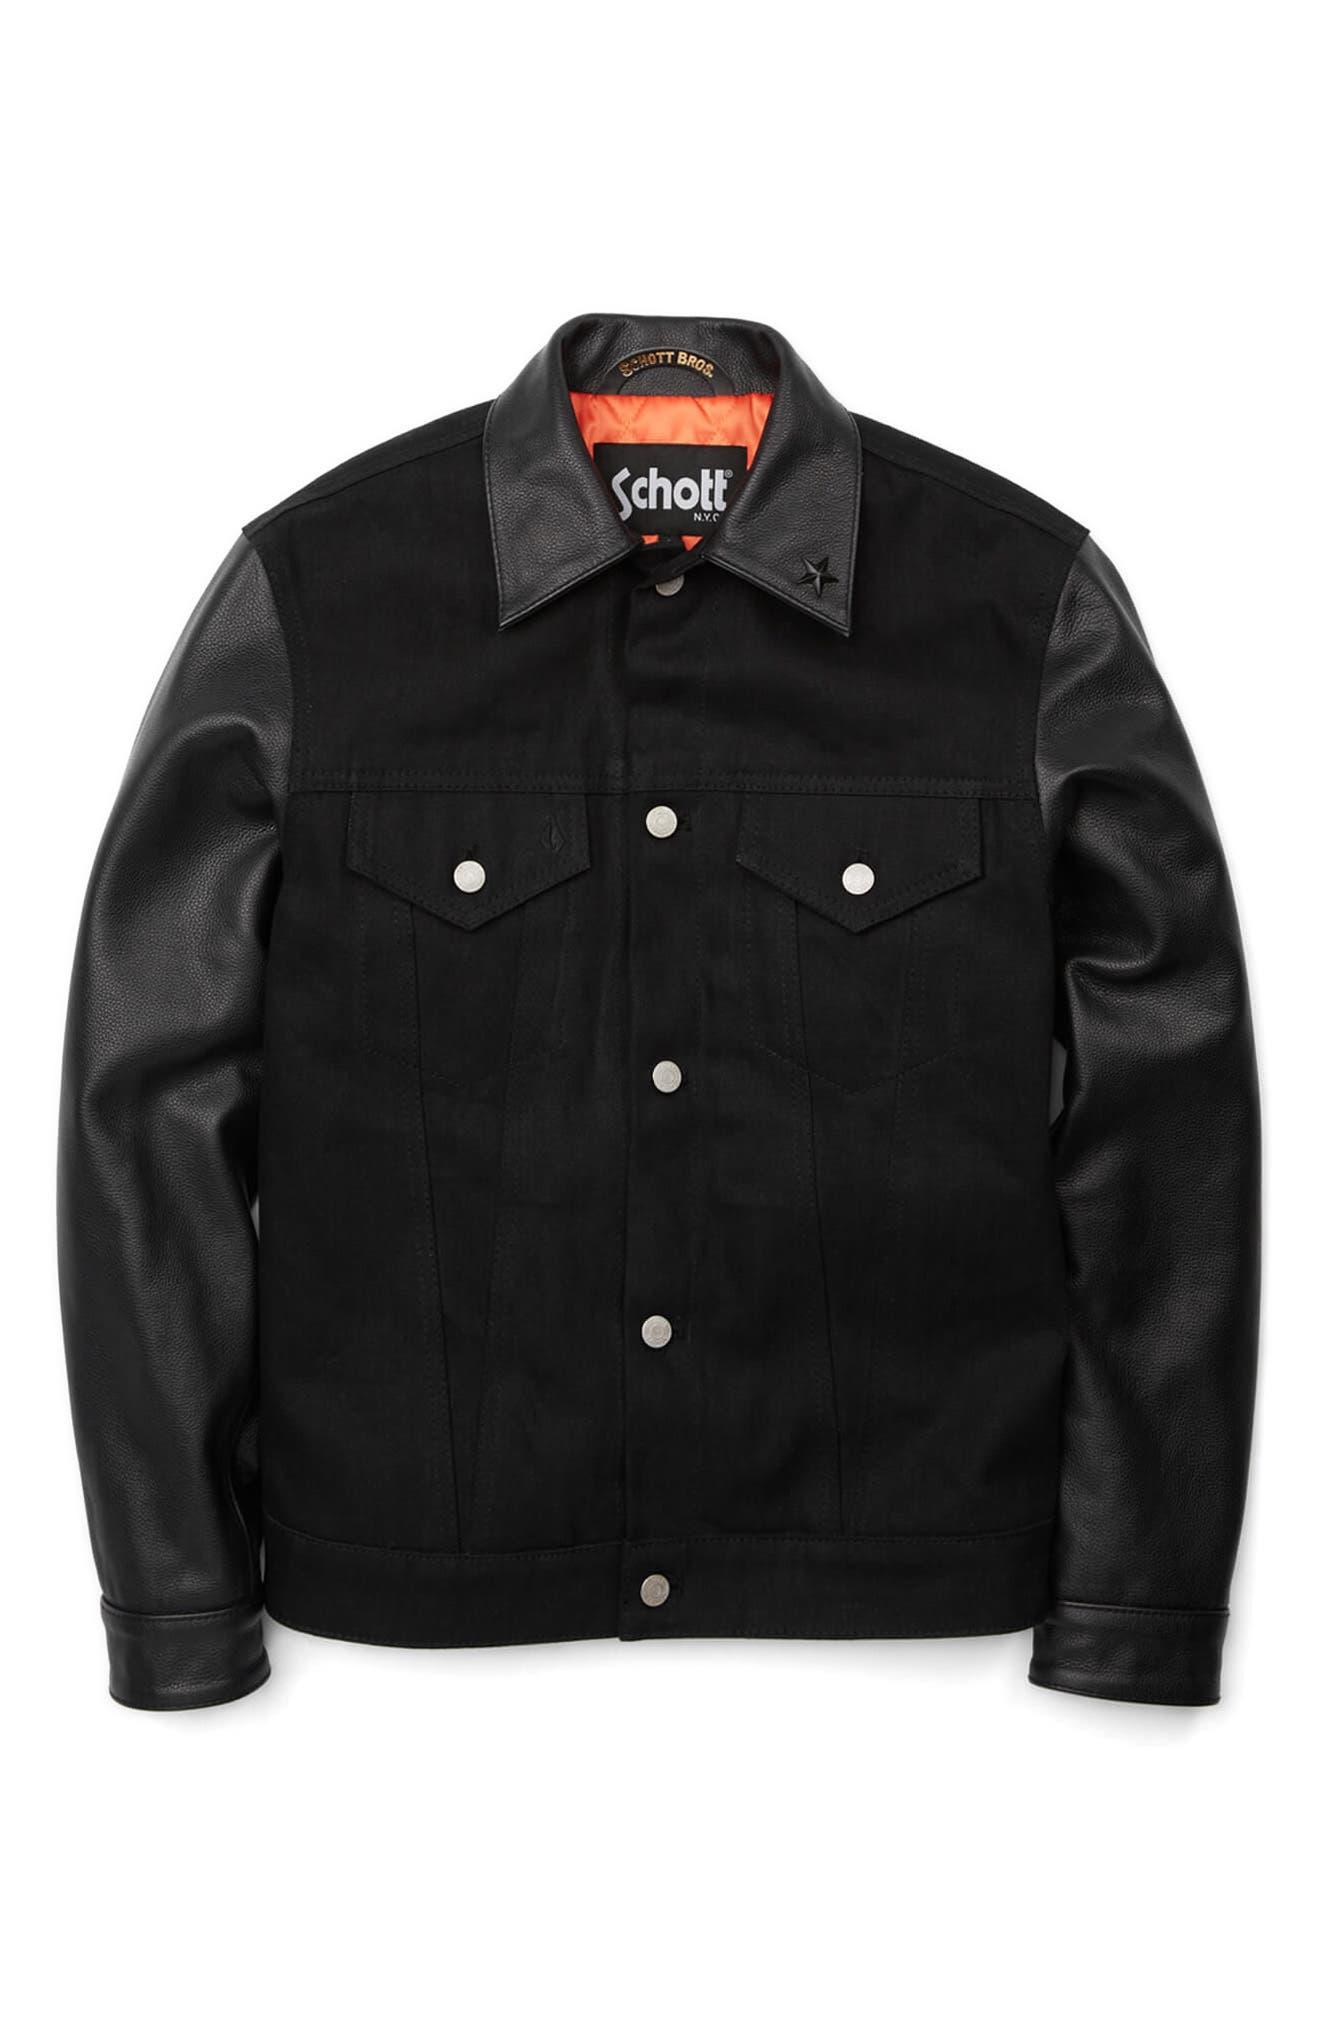 x Schott Denim Jacket,                             Alternate thumbnail 7, color,                             001